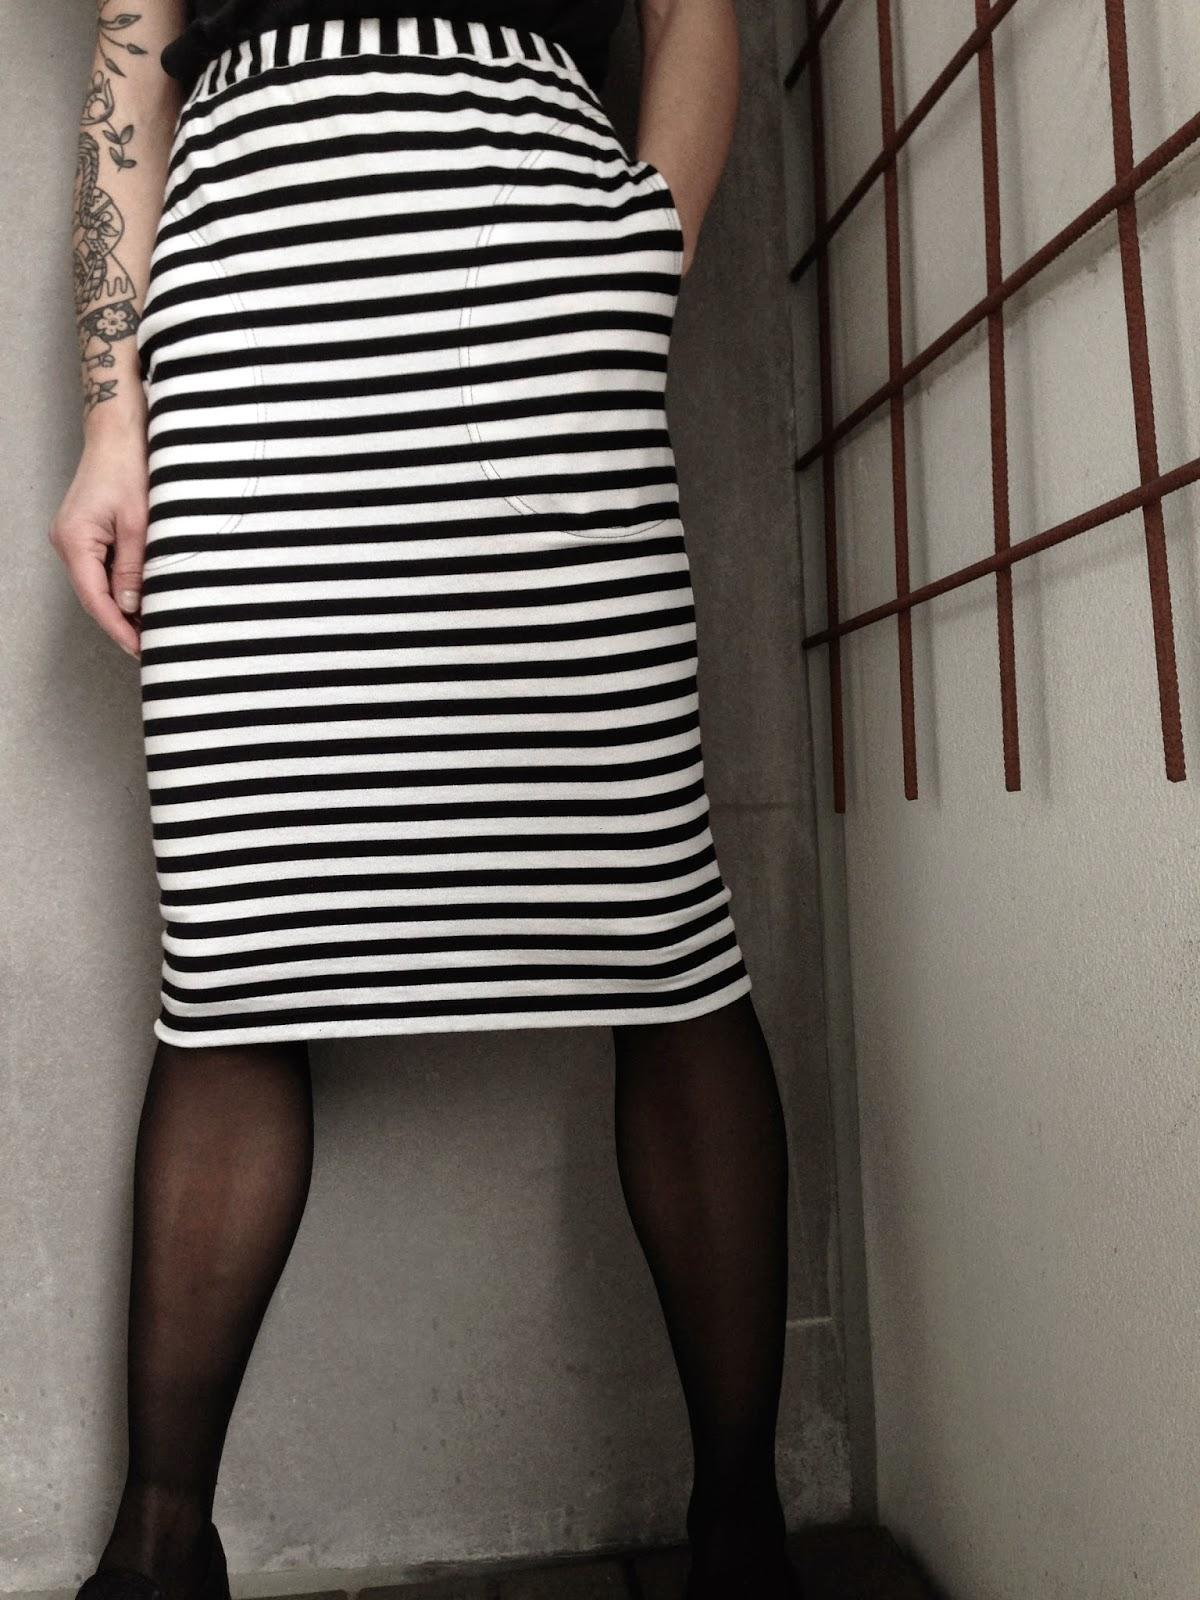 Marimekko skirt, marimekko striped skirt, marimekko randig kjol, marimekko raita